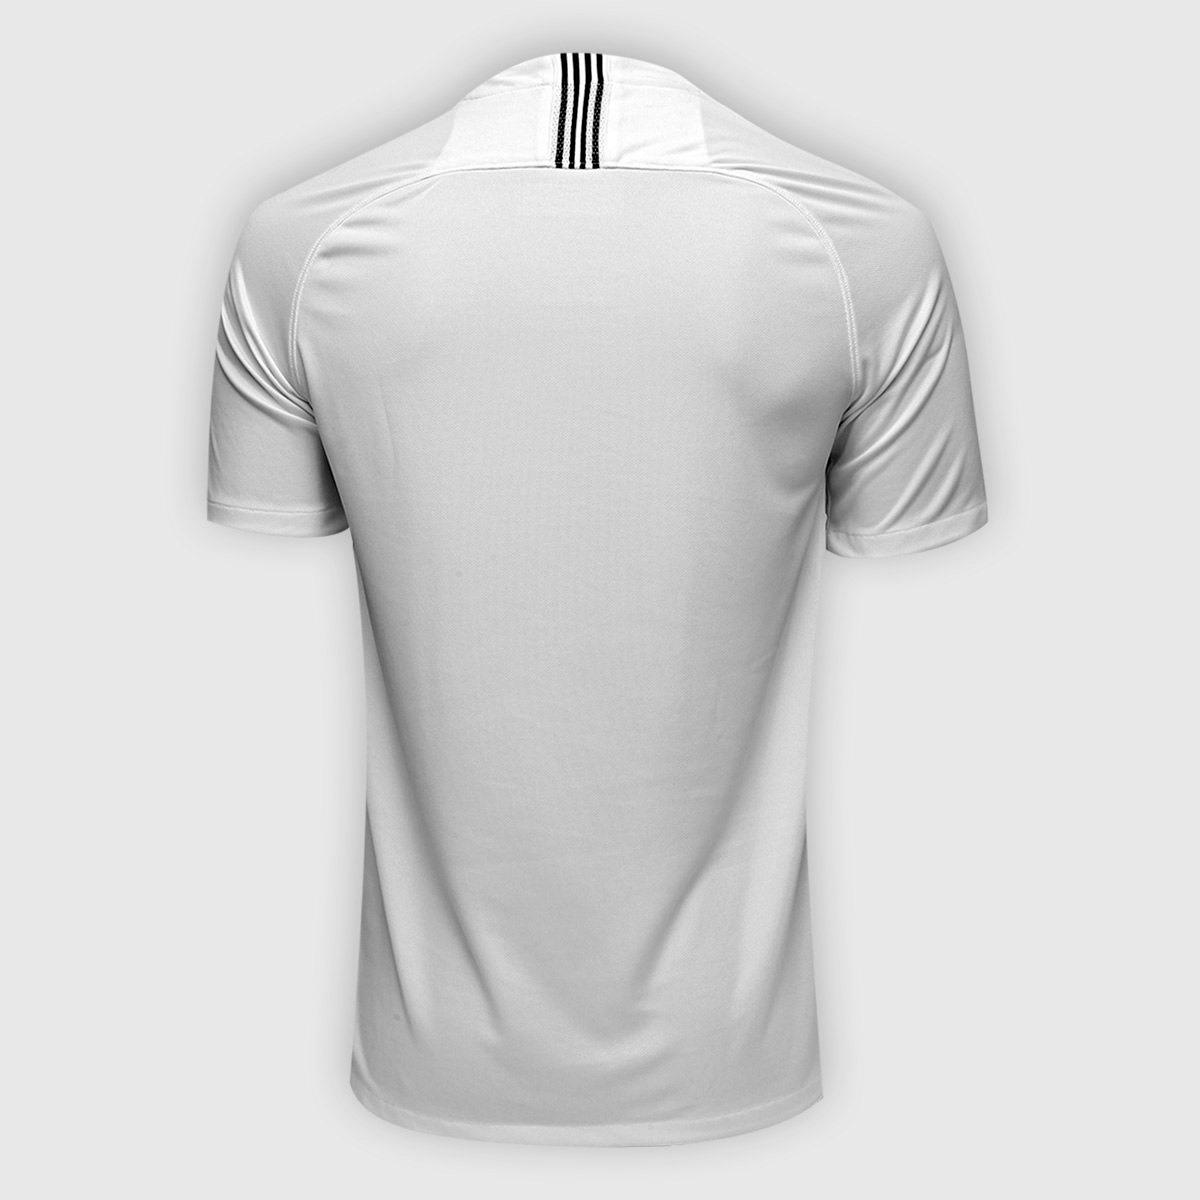 801e52c92c camisa corinthians 2018  2019 original torcedor lançamento. Carregando zoom.